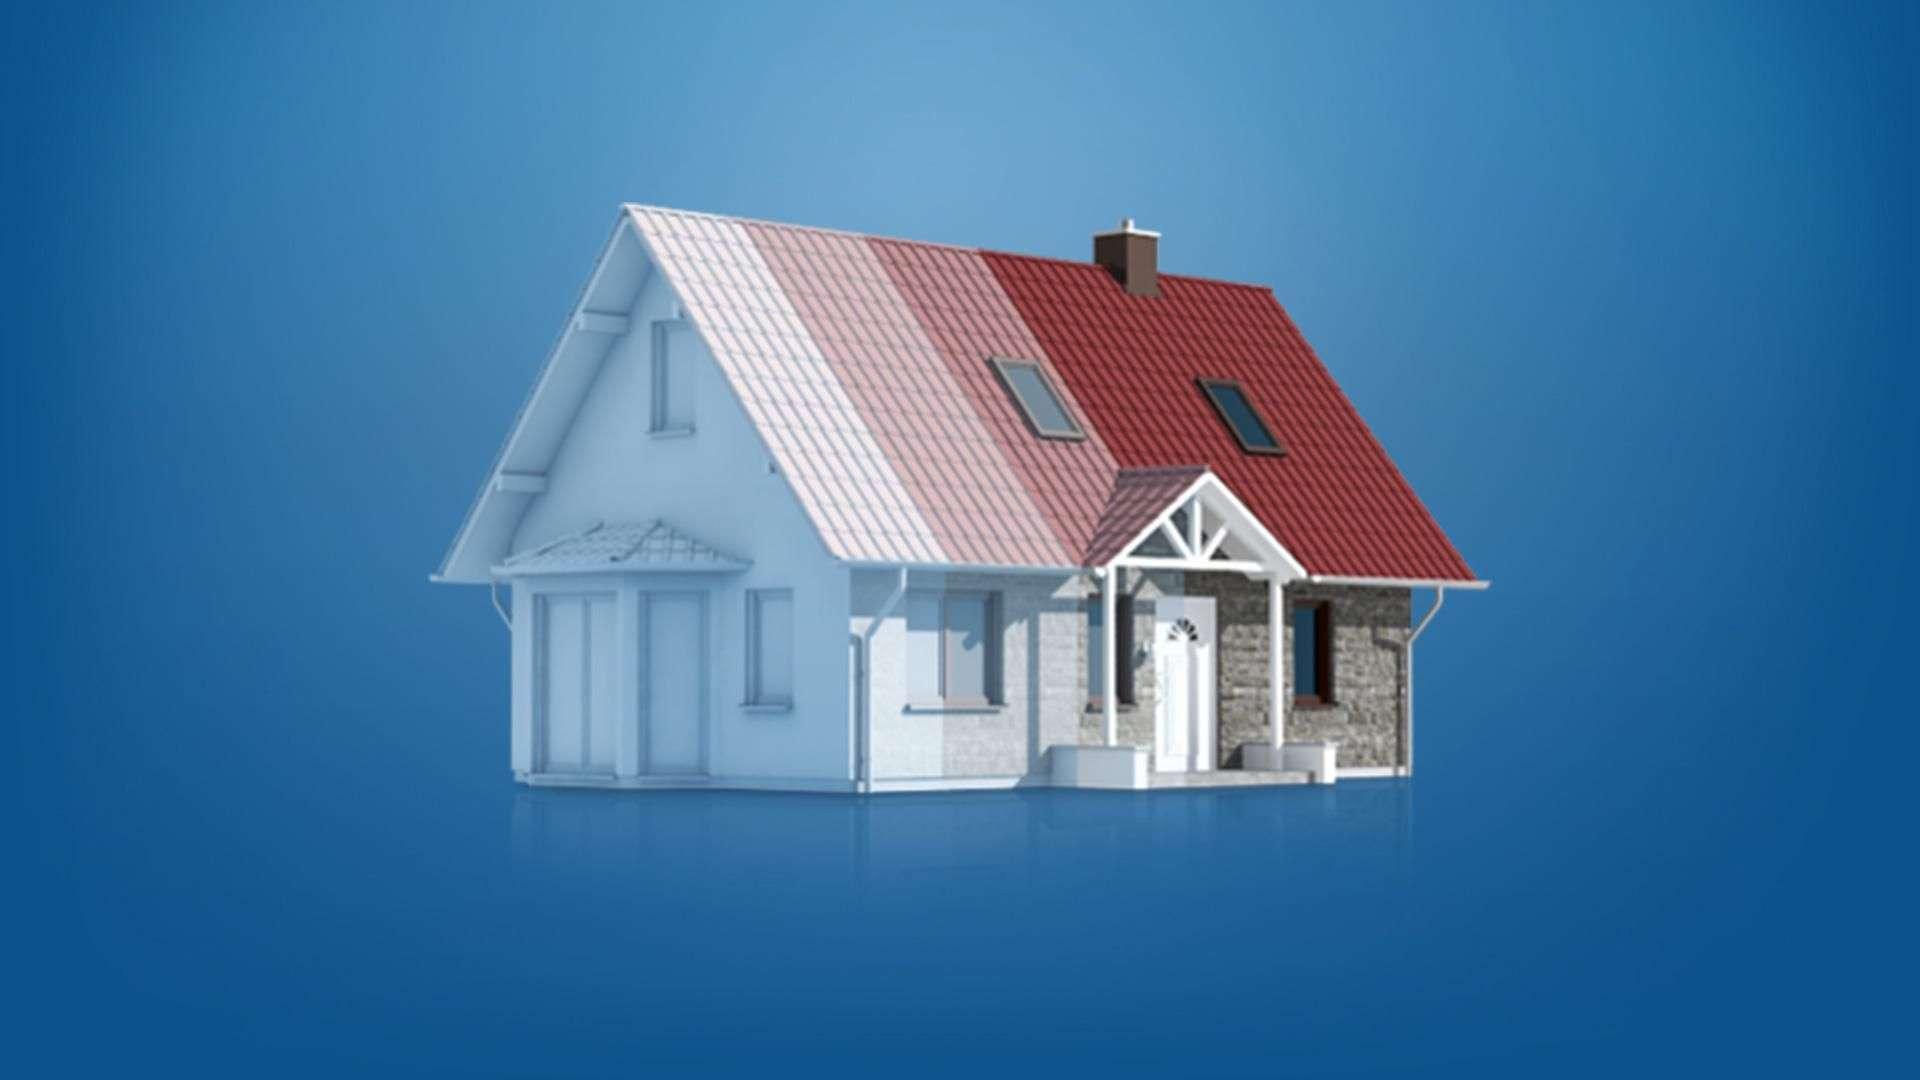 Online-Visualisierung eines Einfamilienhauses